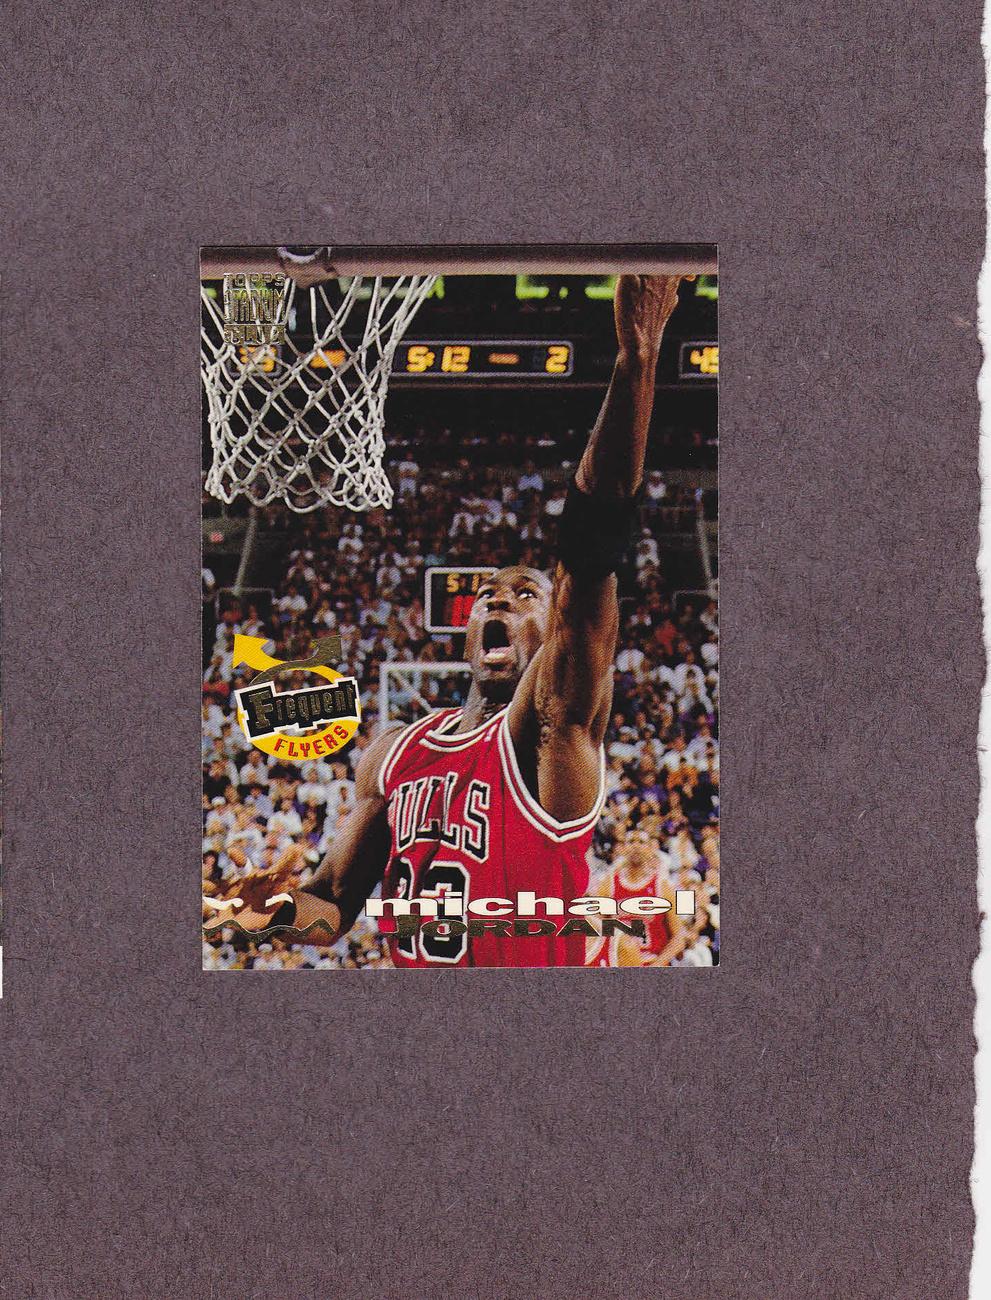 1993-94 Stadium Club # 181 Michael Jordan Chicago Bulls NM